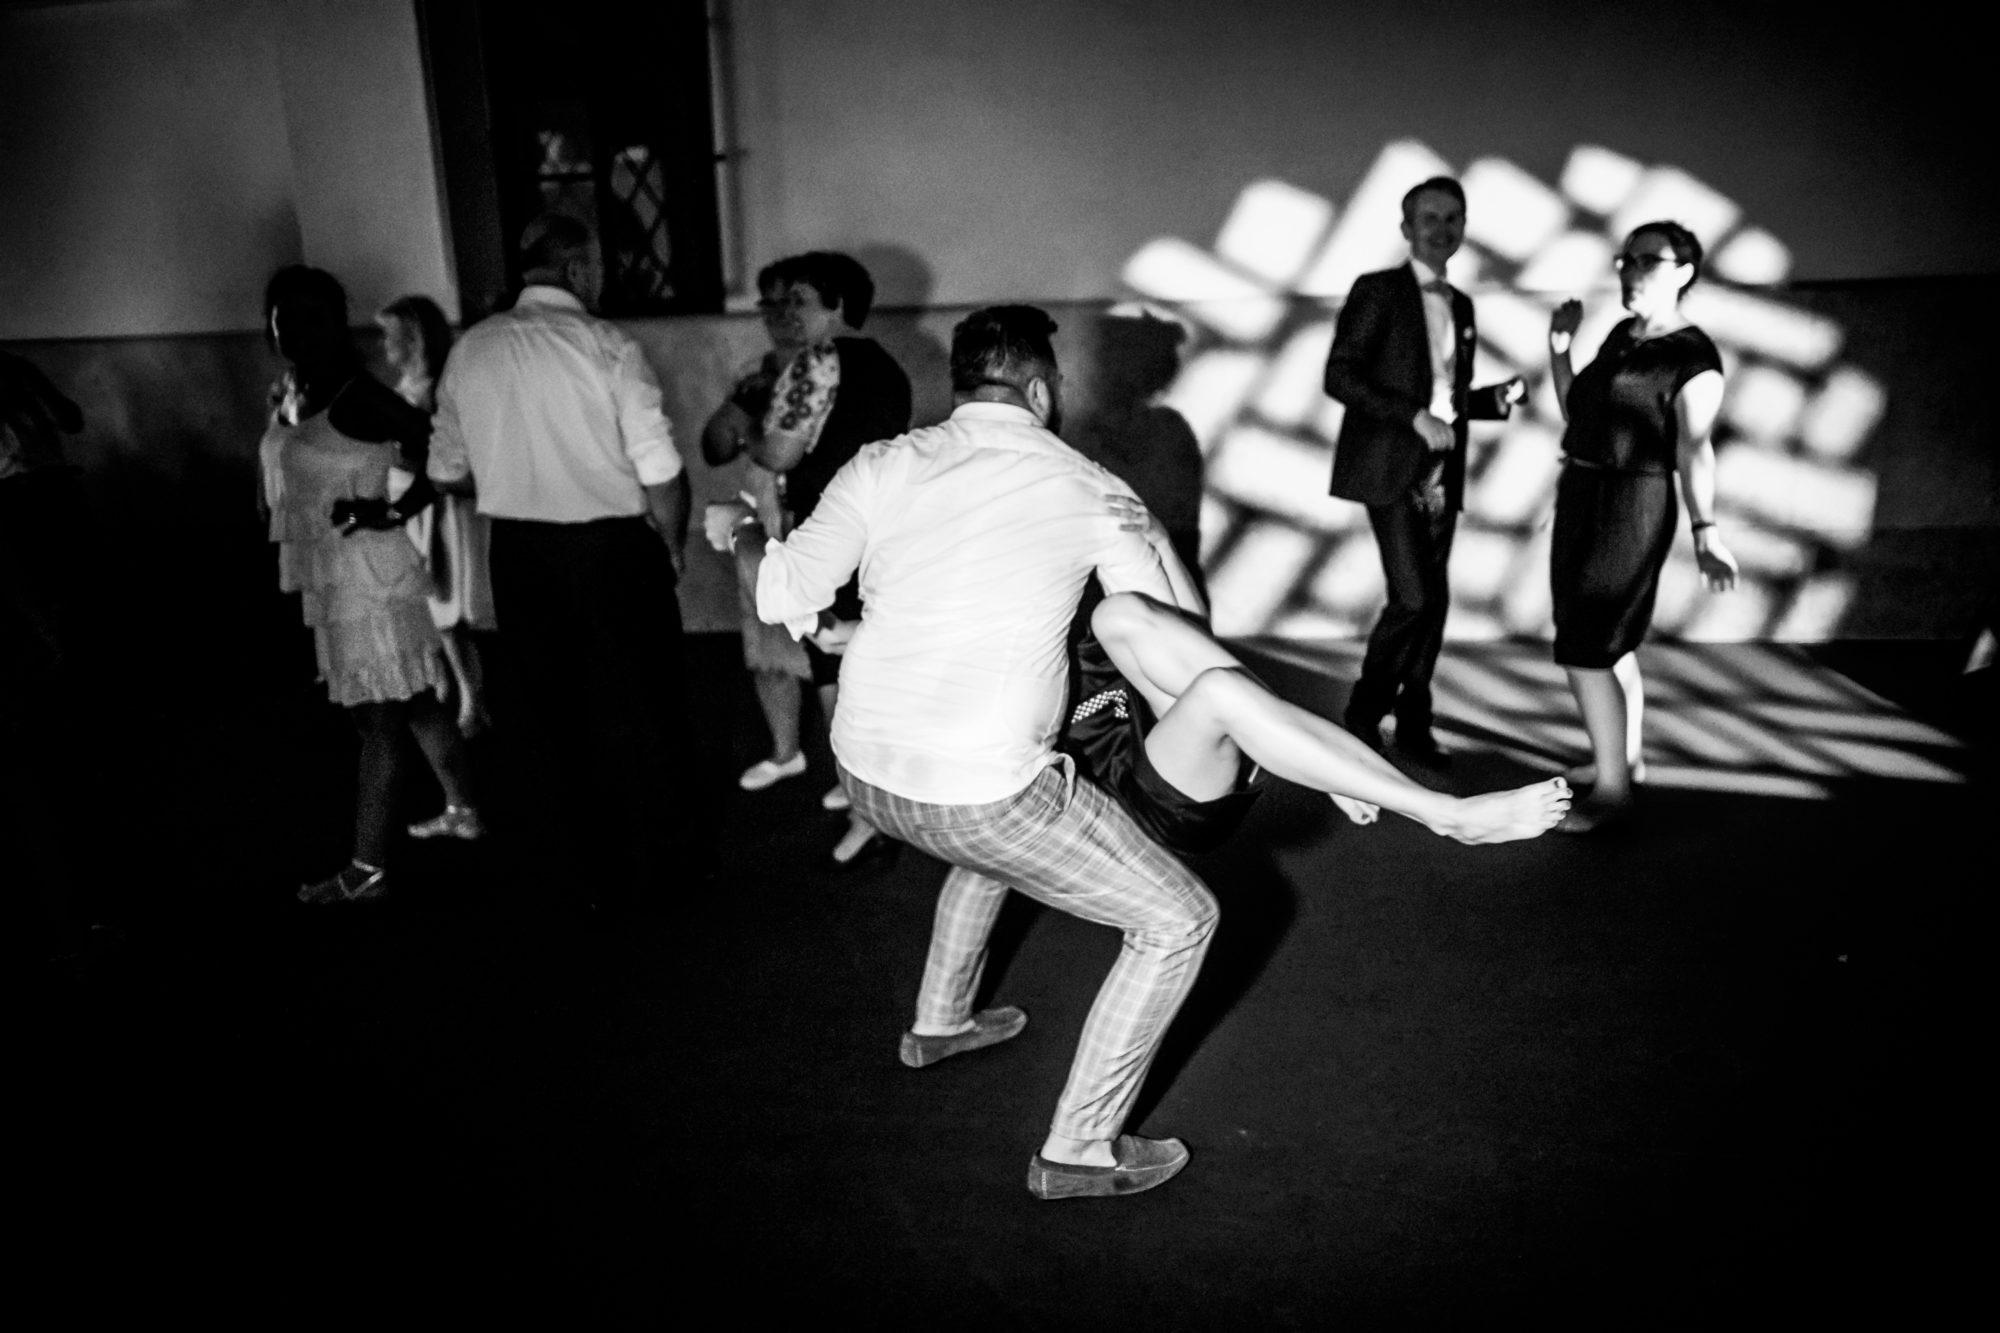 0034_gilberti_ricca_villa_mosconi_bertani_fotografi_matrimonio